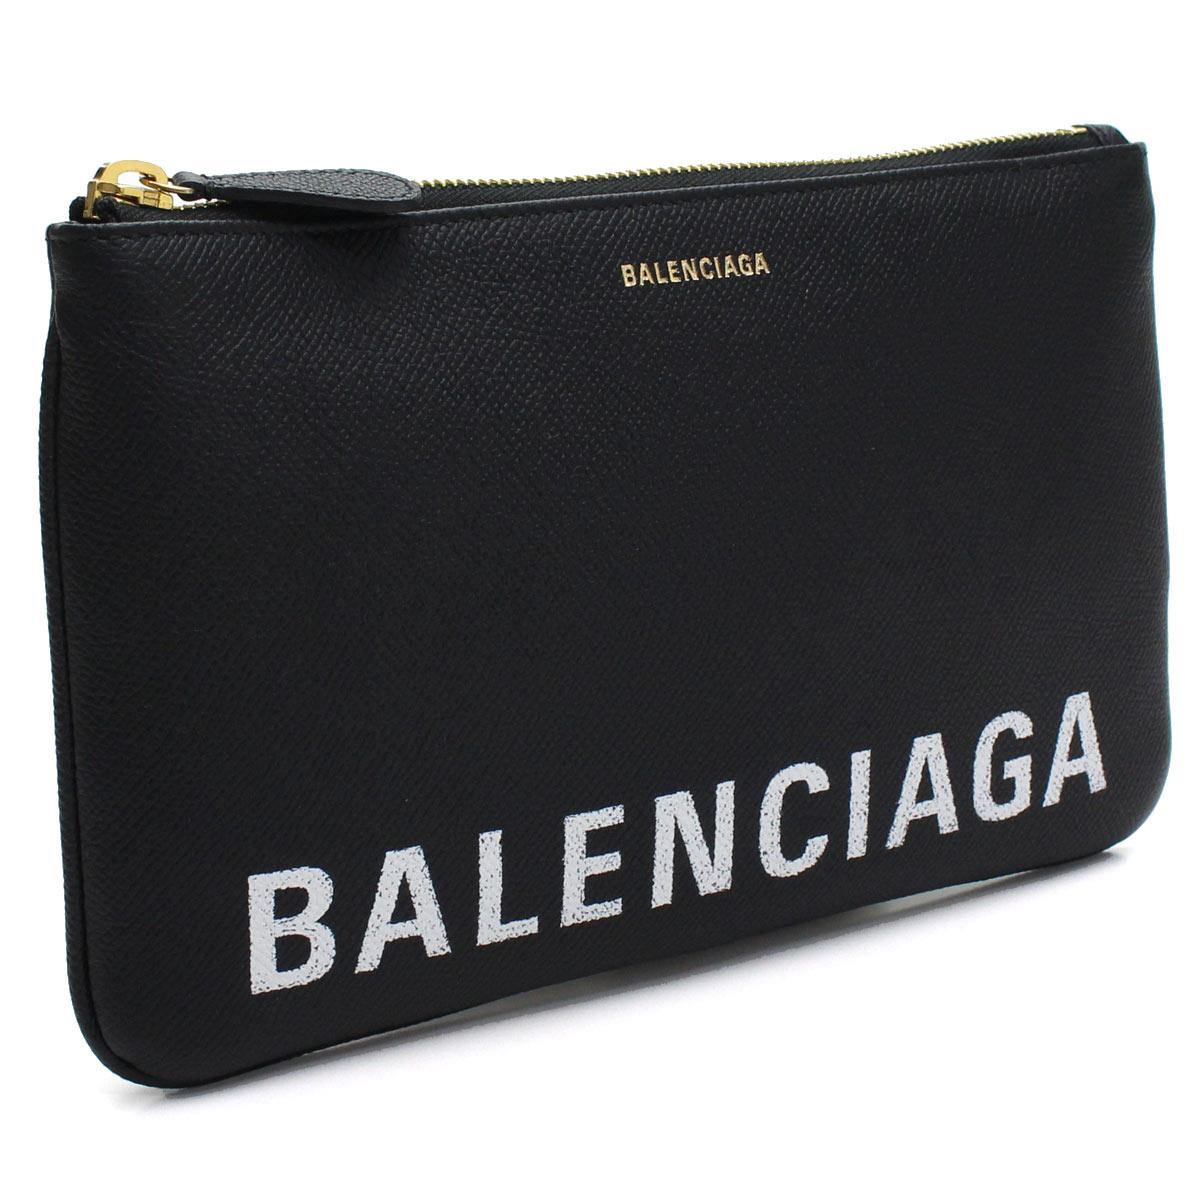 バレンシアガ BALENCIAGA VILLE ヴィル ミディアム クラッチバッグ ポーチ 545773 0OTDM 1000 BLACK/L WHITE ブラック レディース